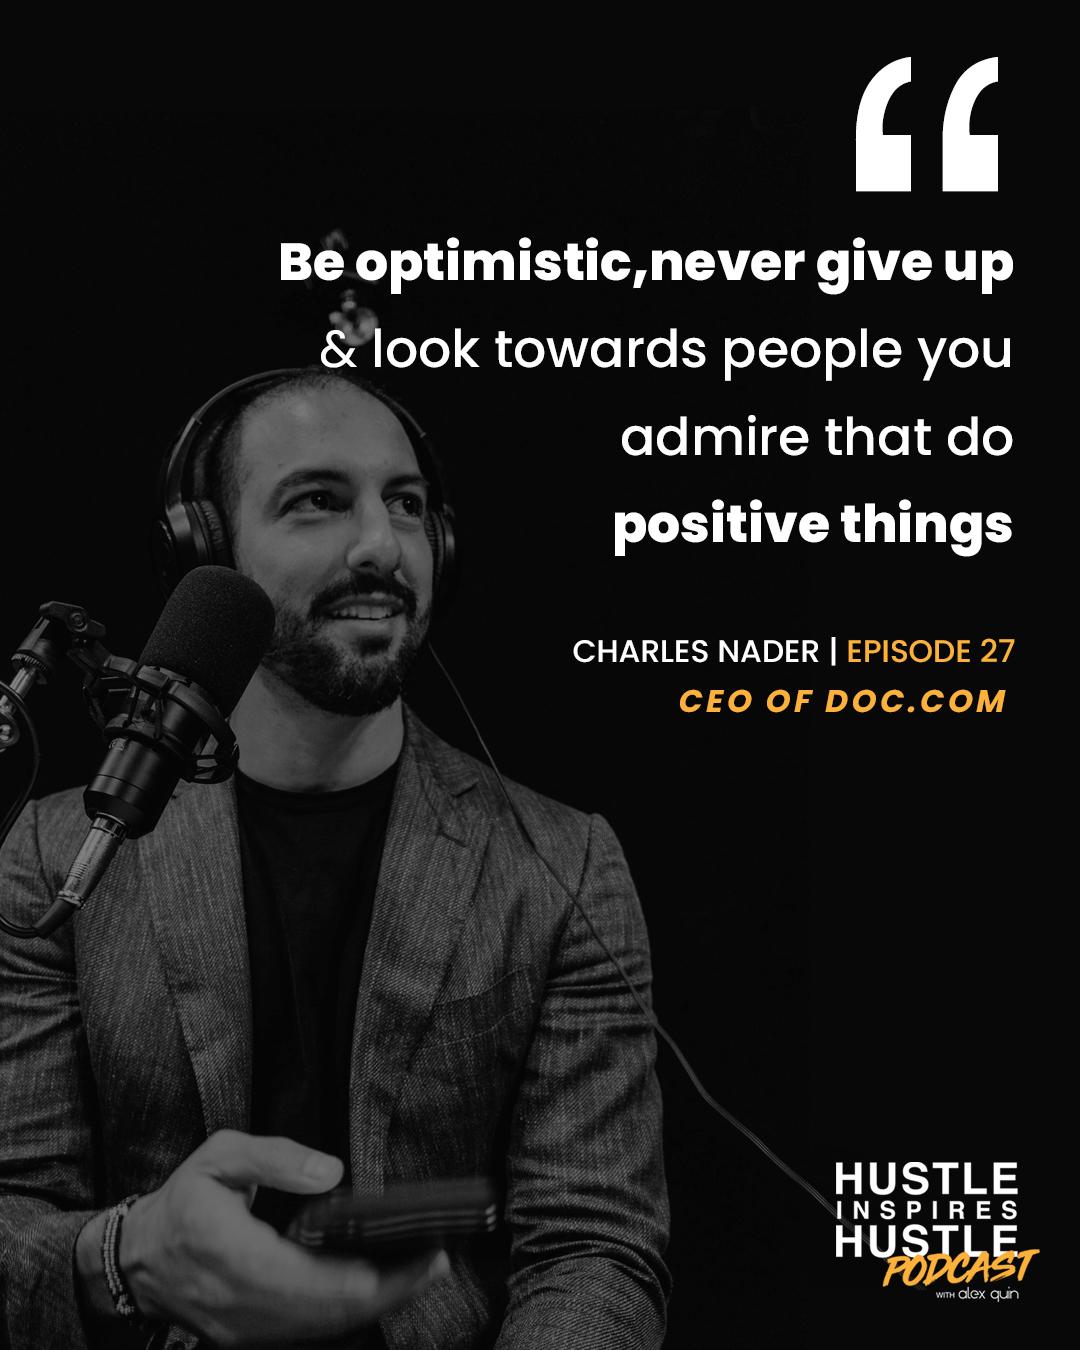 Charles Nader & Alex Quin | Hustle Inspires Hustle Podcast